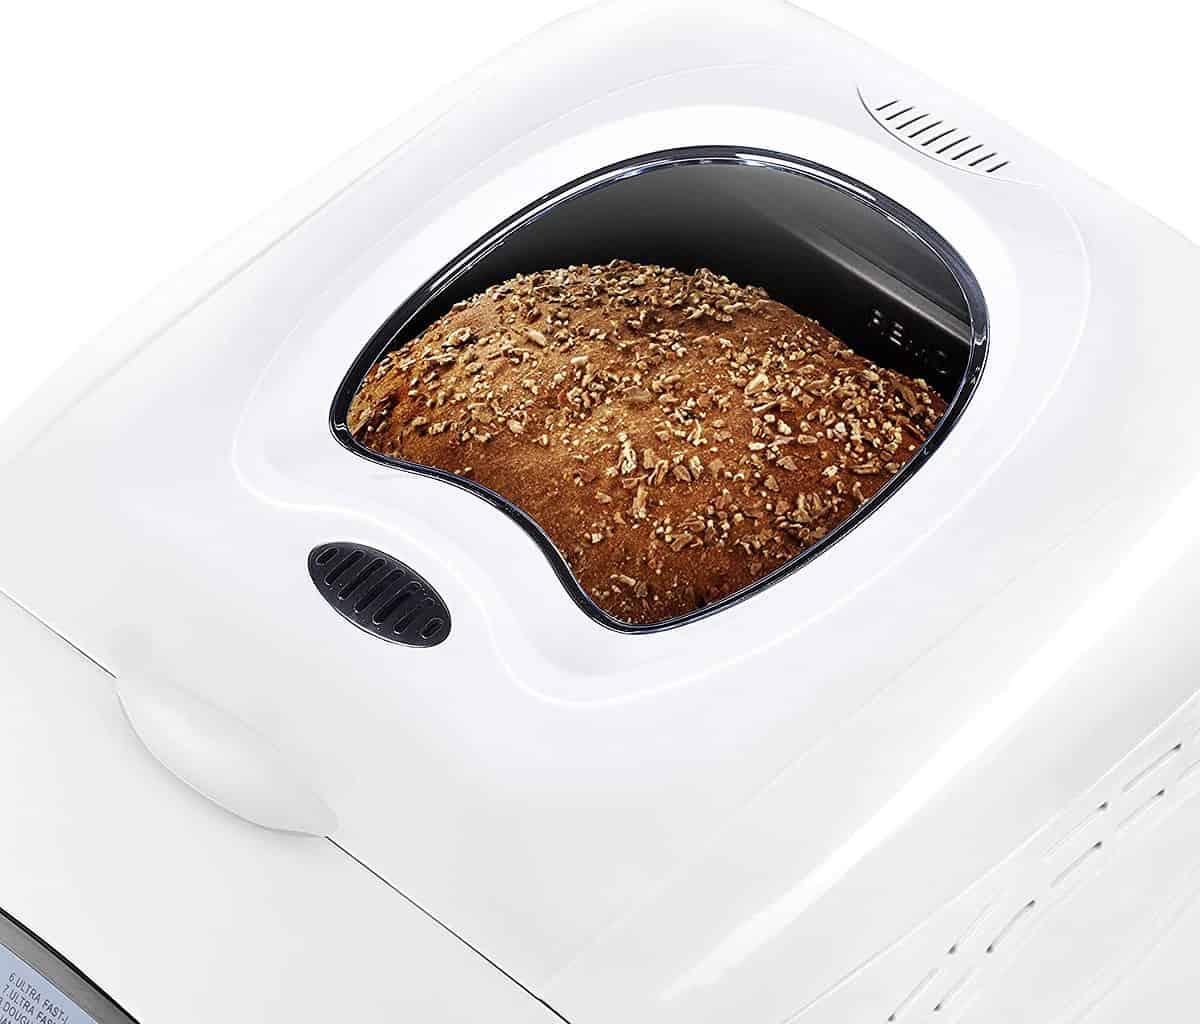 Panificadora Princess 152600, aprende a hacer pan casero - Imagen 18 - Cocinauta